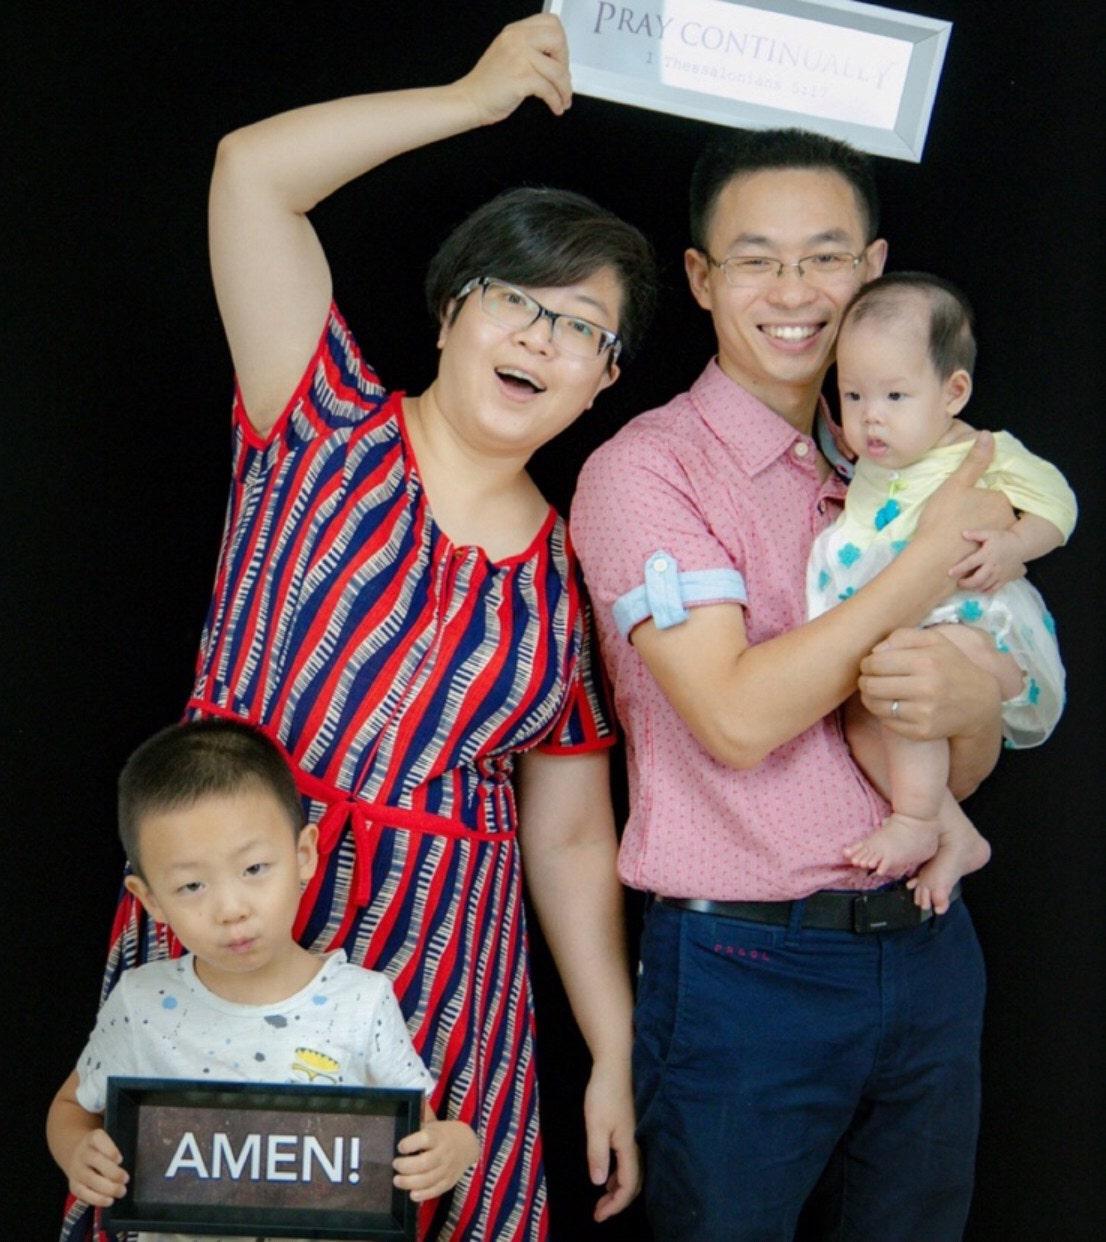 Chinesischen Führer der Kirche zu Gefängnisstrafen verurteilt, nachdem er versprochen release, group, sagt